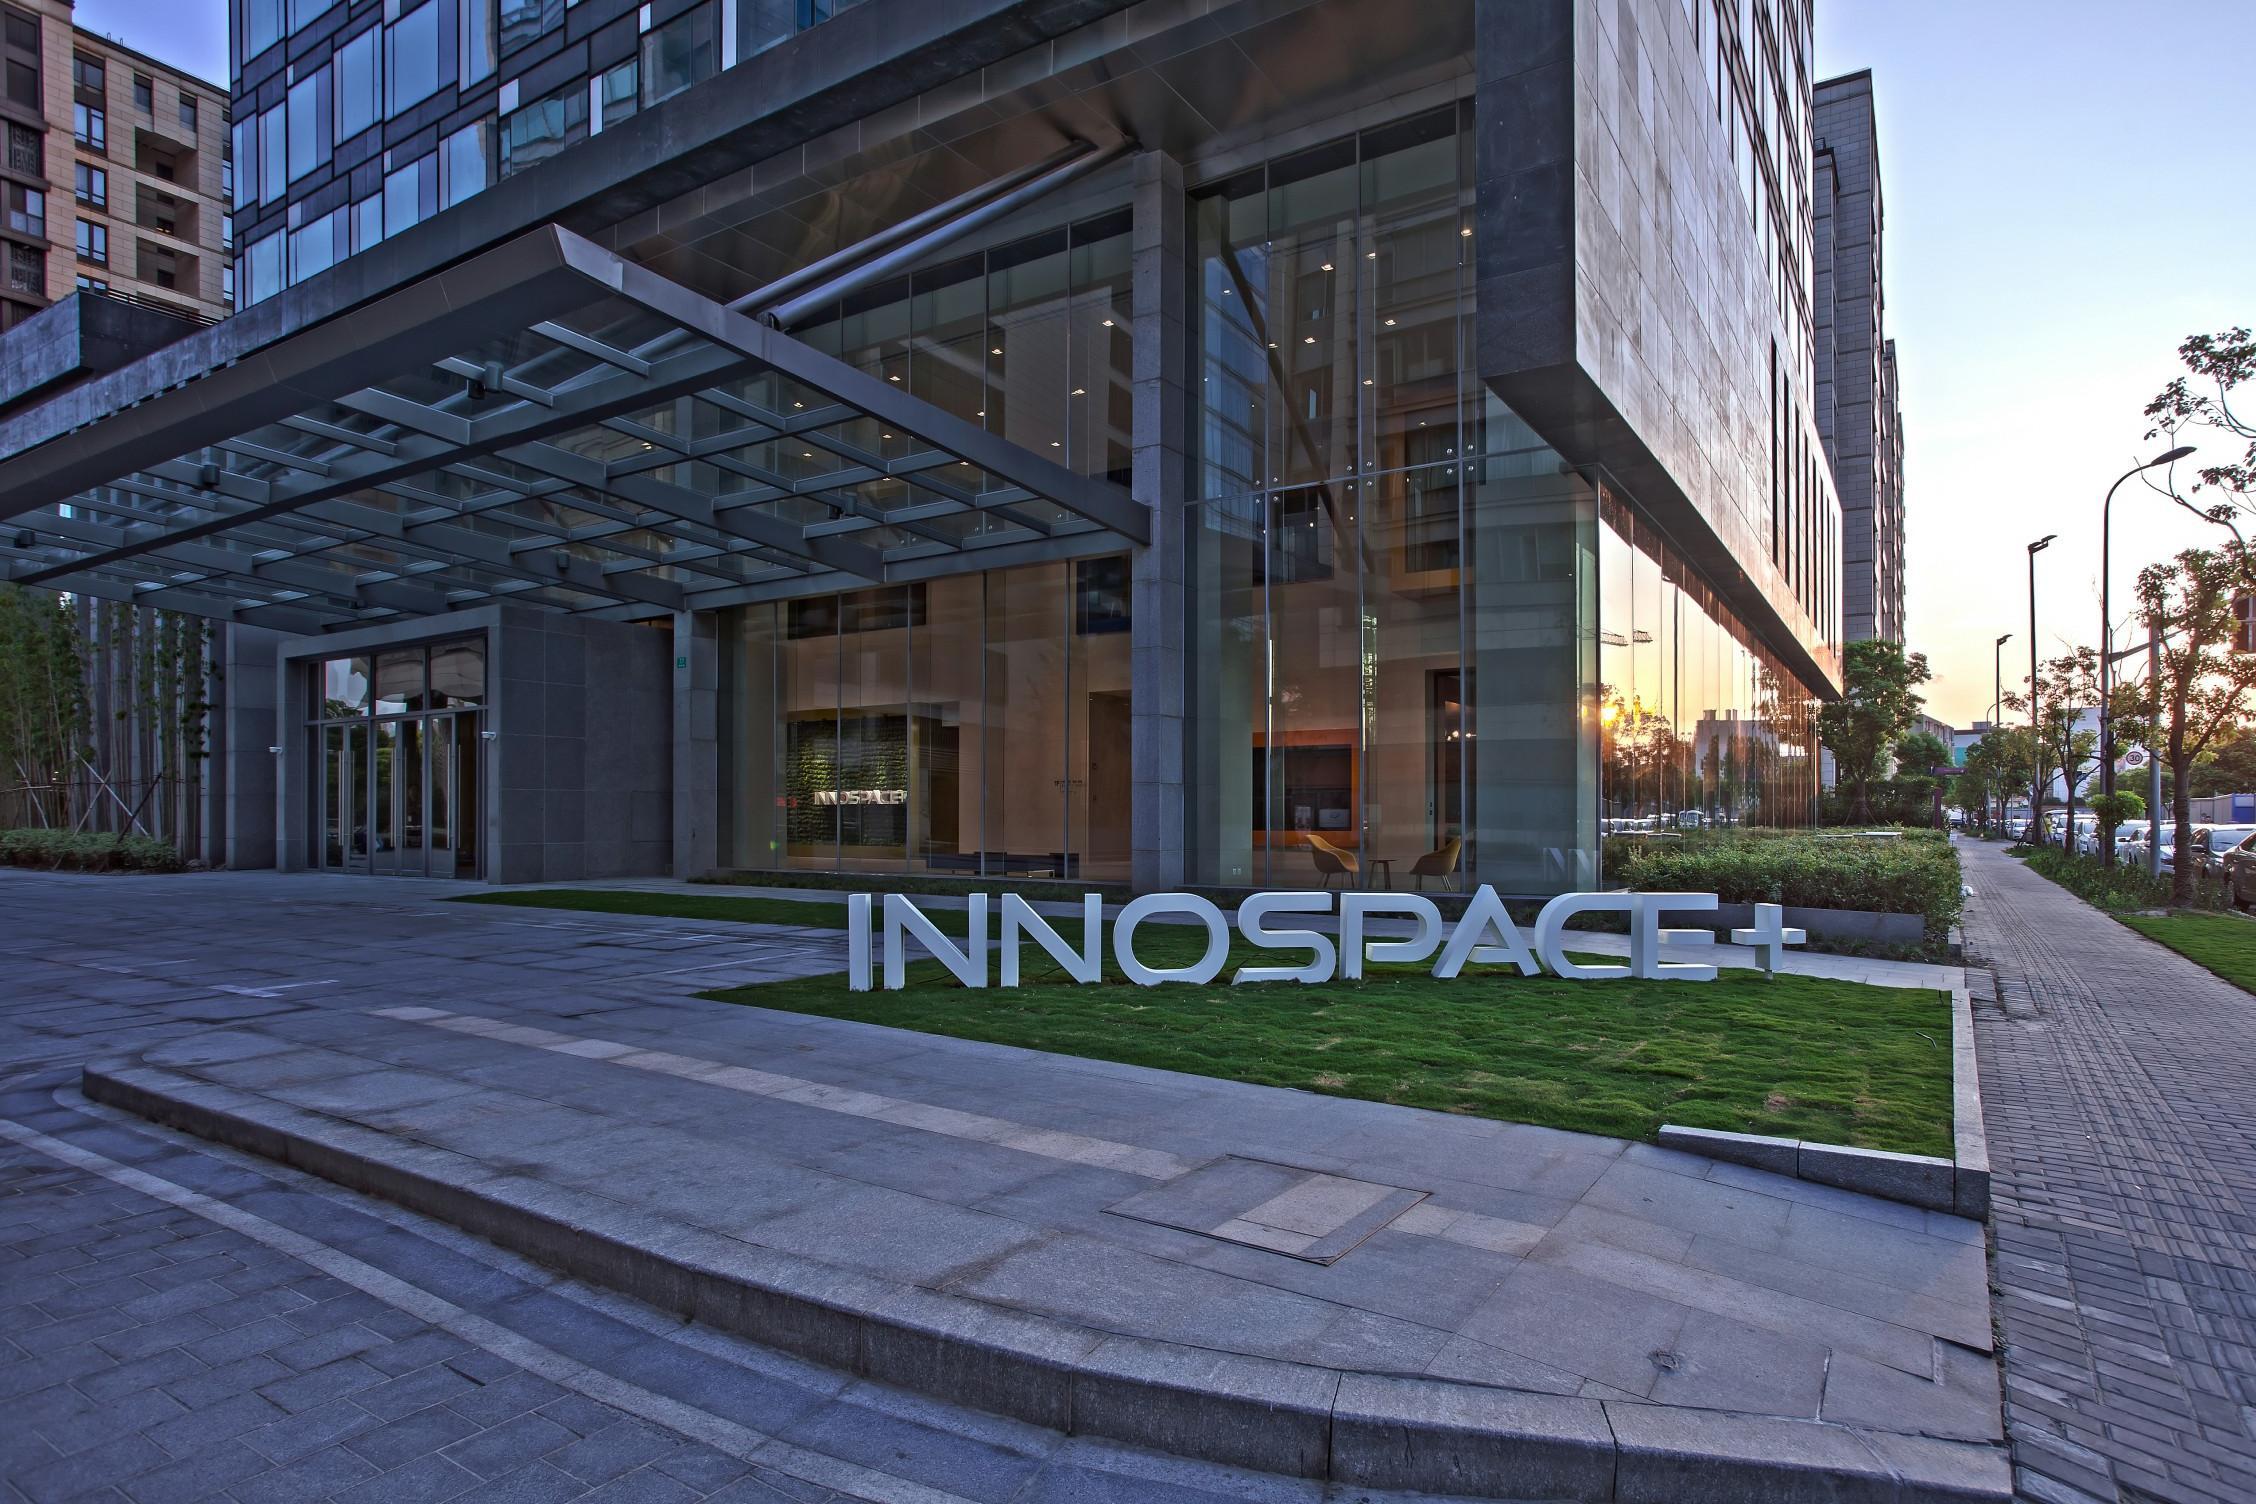 拒绝枯燥乏味!打造全新办公空间,给你家的温暖!|Gensler - 0